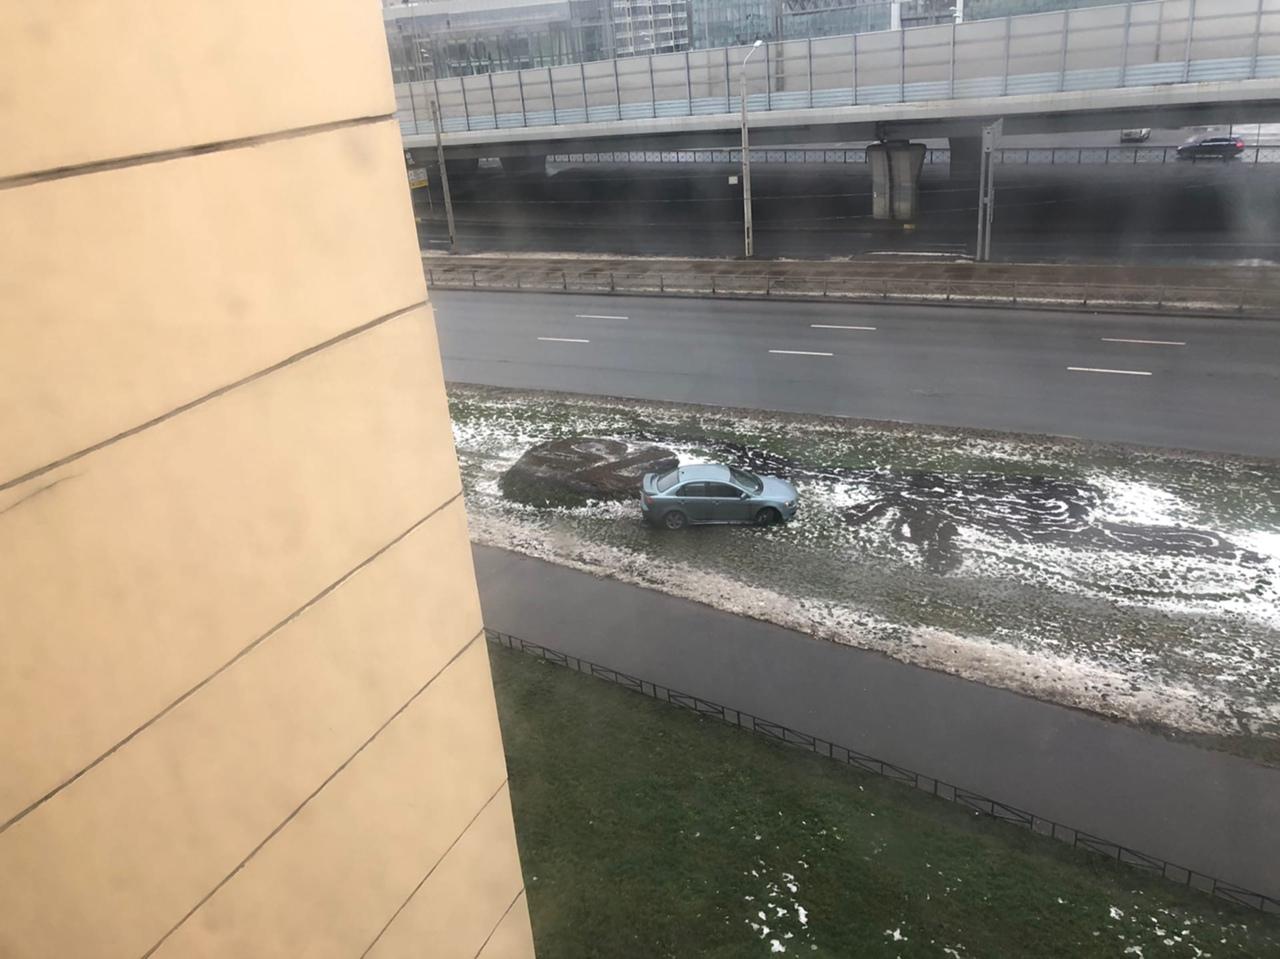 Кто то в ночь на 1 января оставил на газоне разбитый автомобиль. Увидели только в 7 утра, было 2 чел...